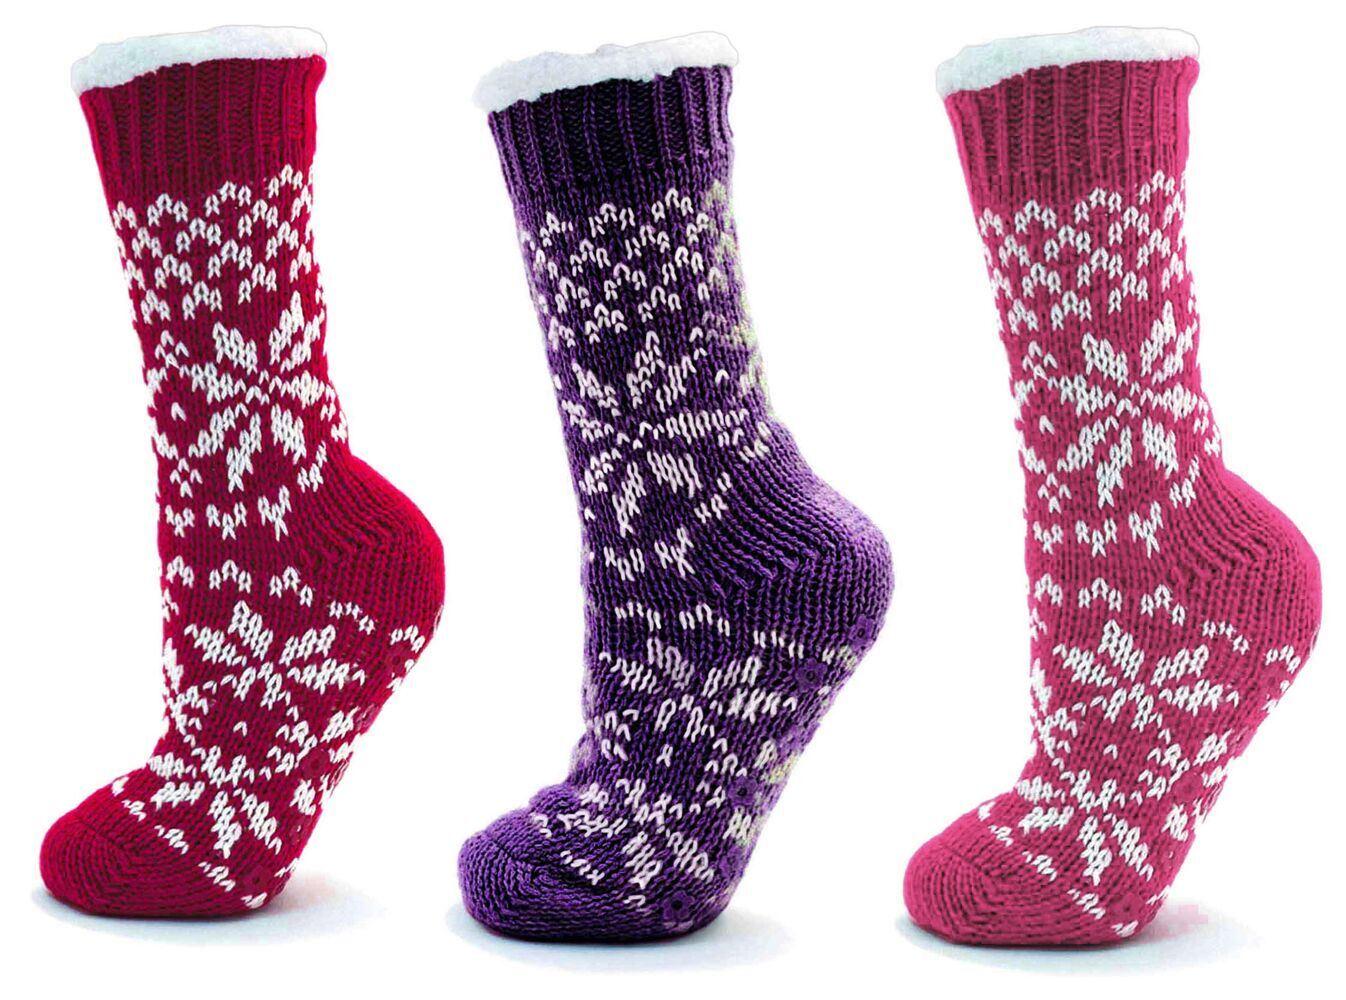 Knitted Fairisle Soft Sherpa Fleece Fur Lined Slipper Socks Gripper Non Slip | EBay